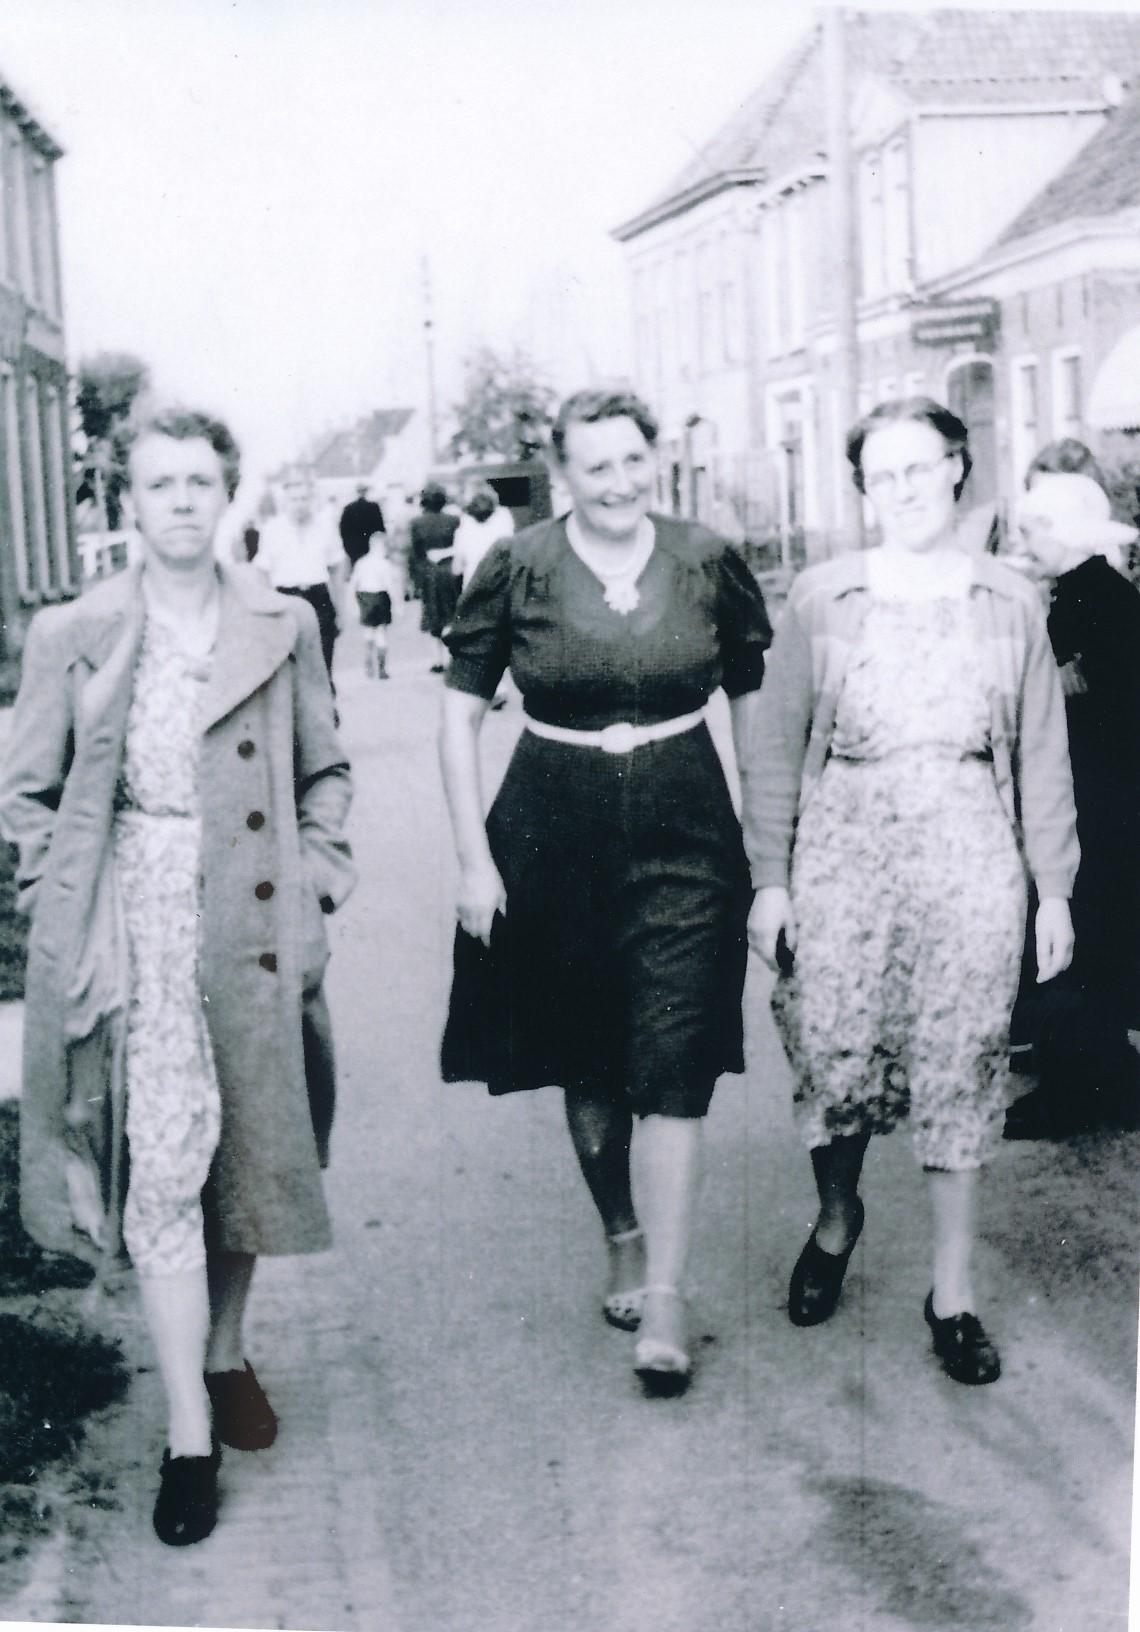 Fotoalbum Andre Kamsma, 050, Hieke Kamsma, Agnes Hoogma en Anna Kamsma-Tekstra op de Doarspstrjitte, jierren 50